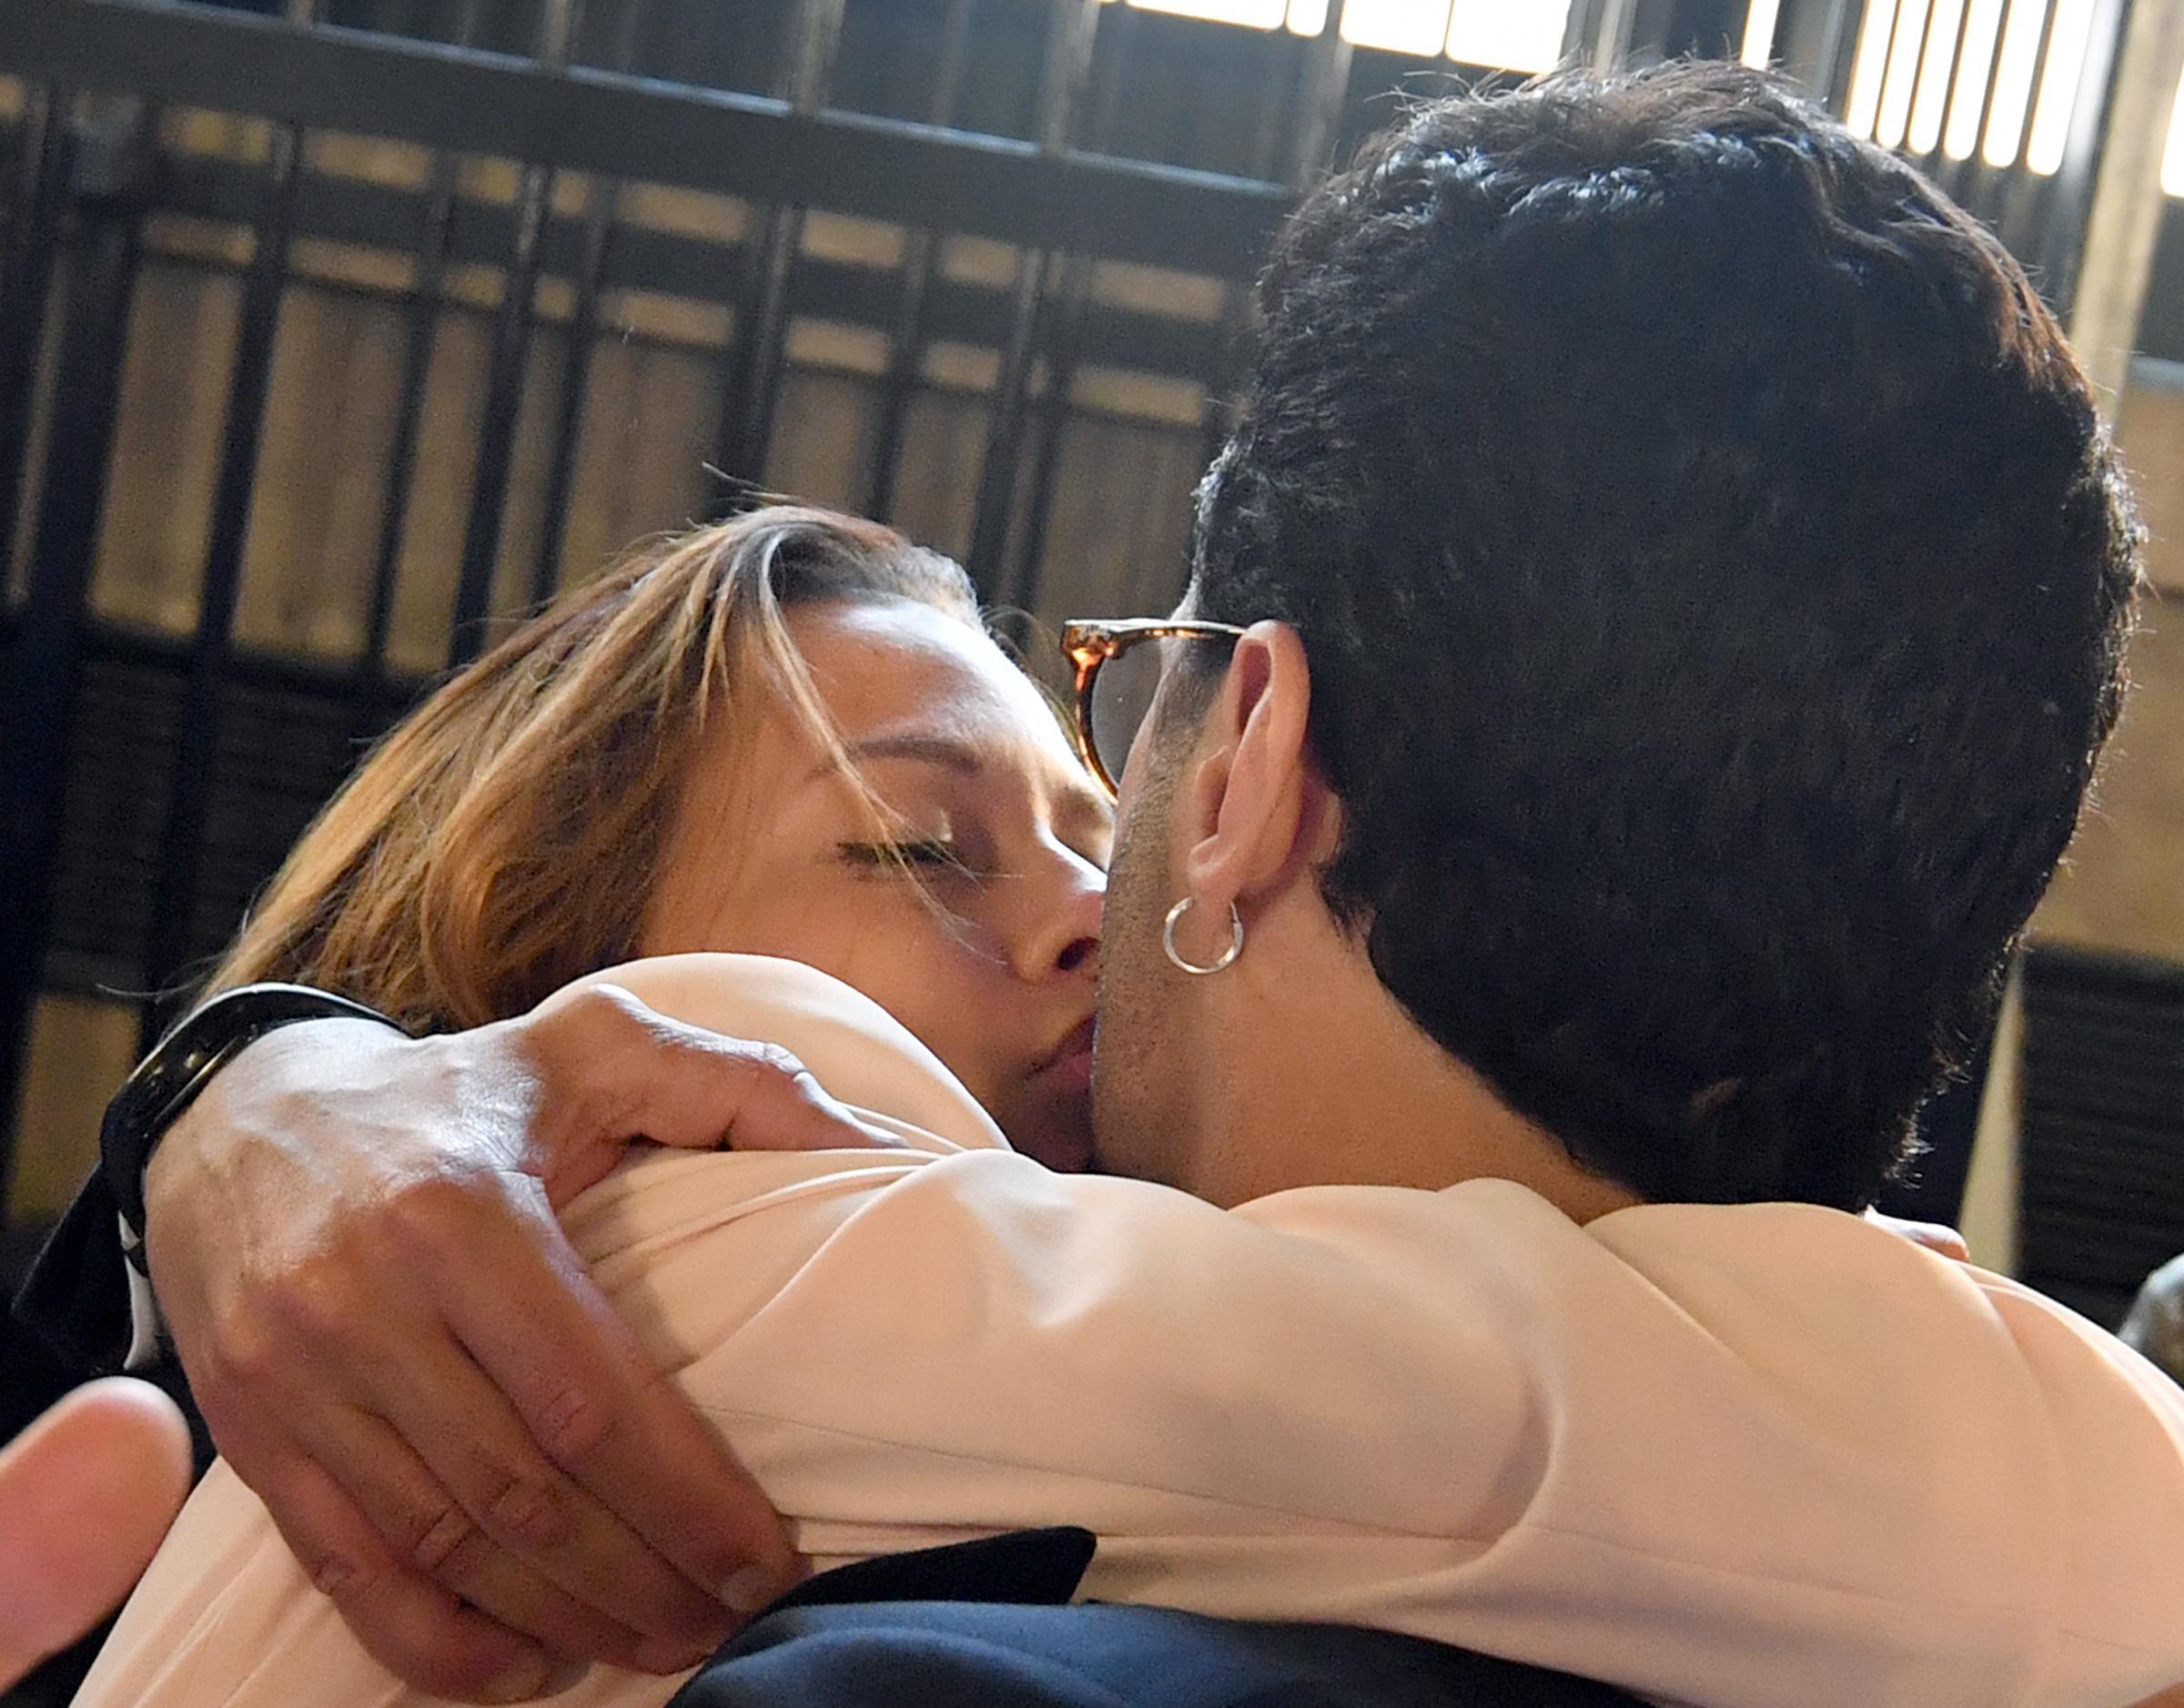 Condanna di Corona: le reazioni di Silvia Provvedi e Nina Moric